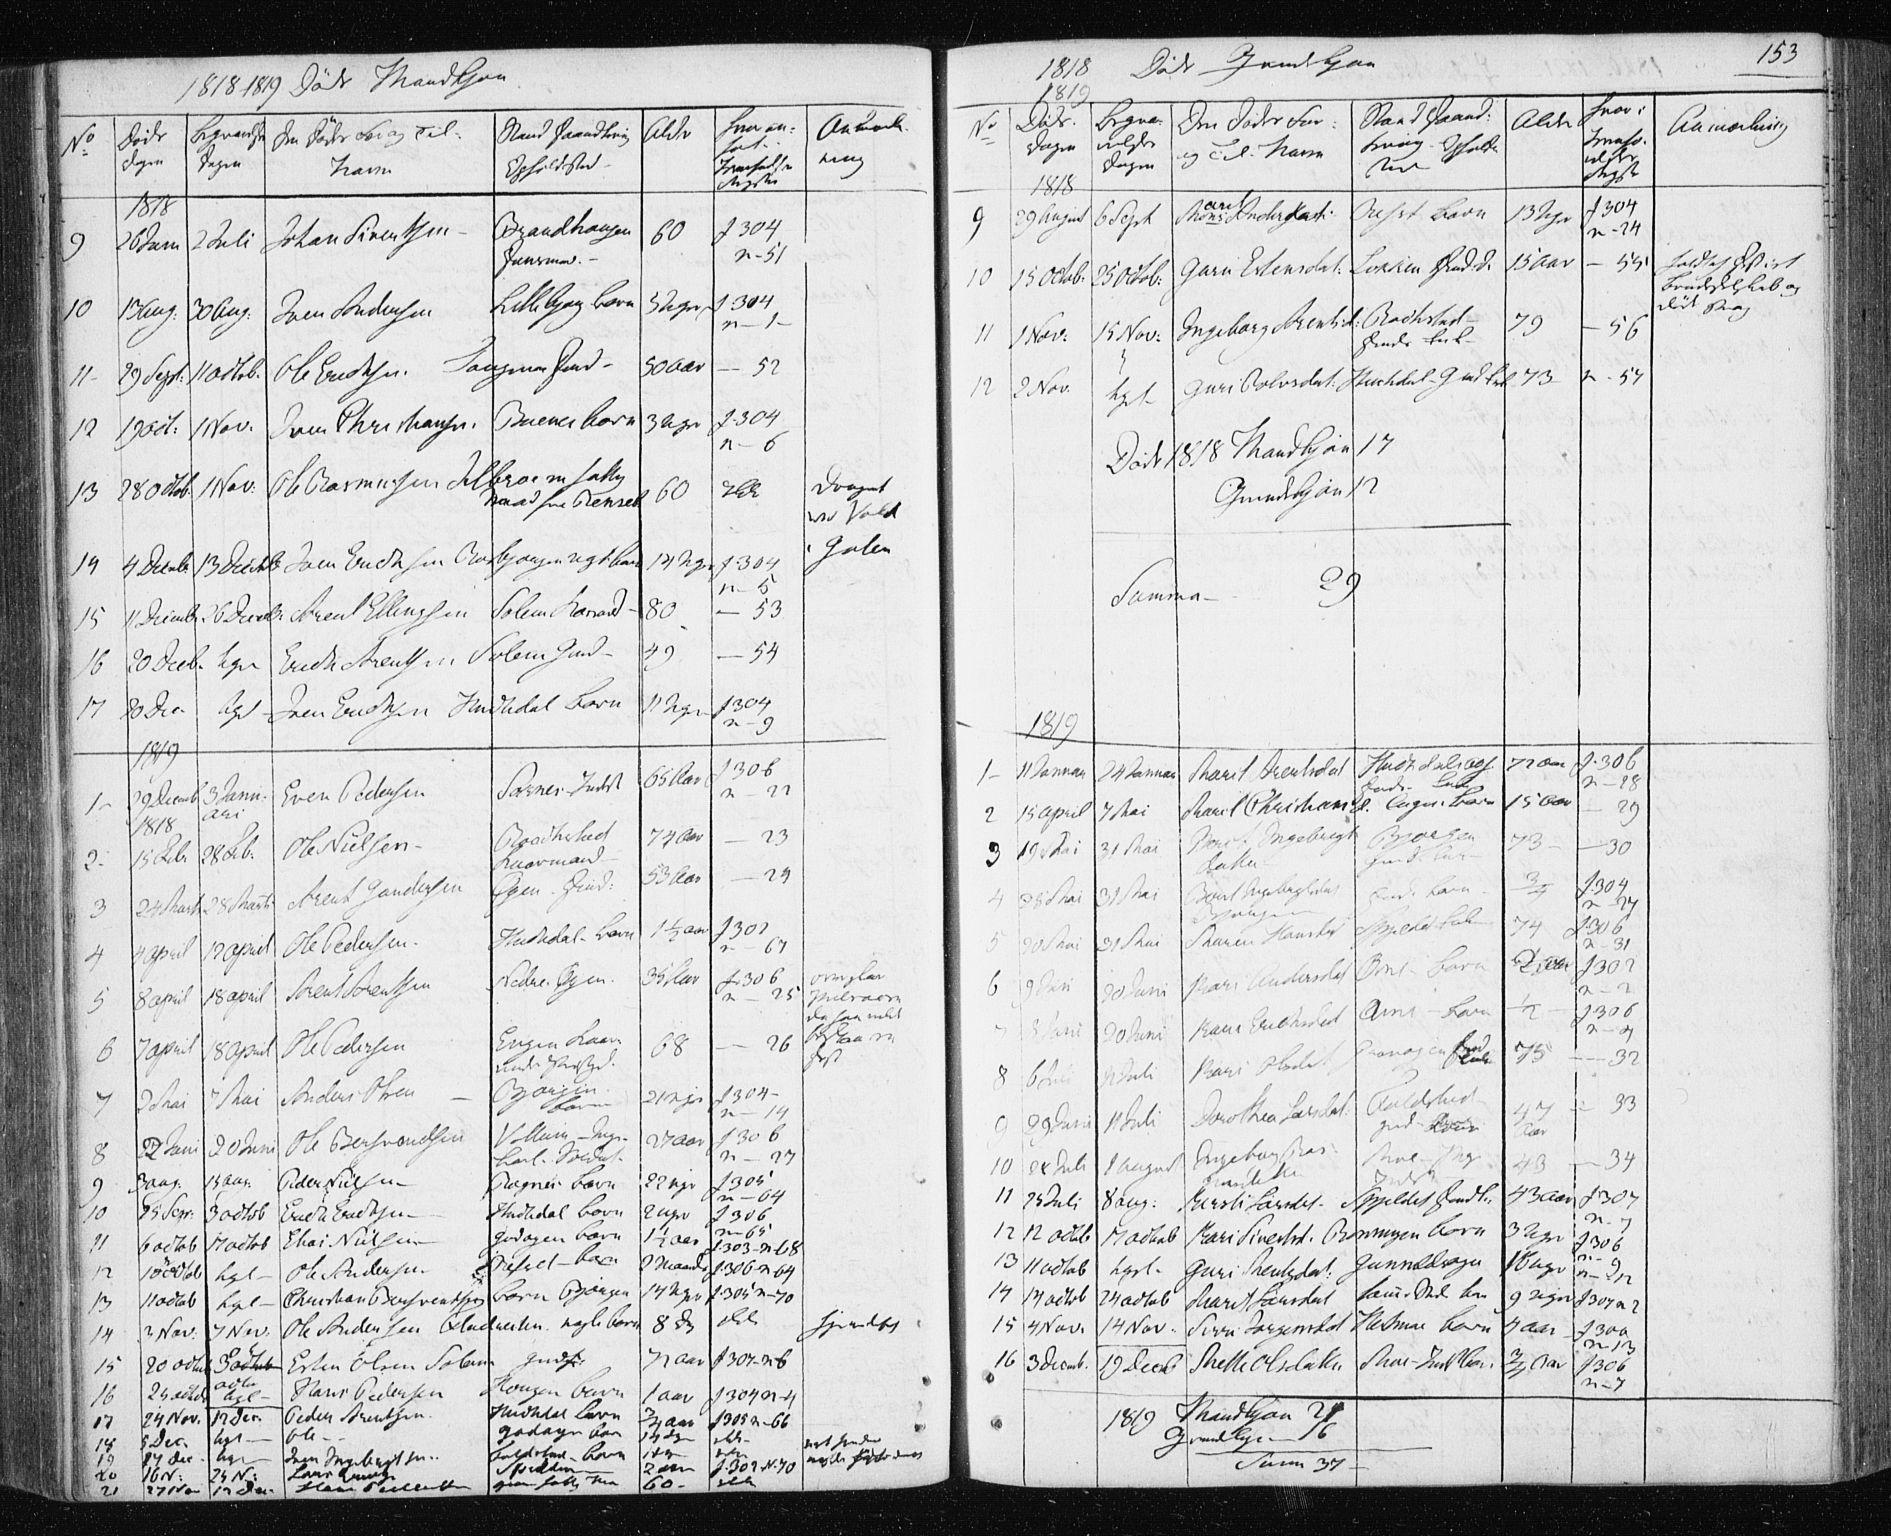 SAT, Ministerialprotokoller, klokkerbøker og fødselsregistre - Sør-Trøndelag, 687/L1017: Klokkerbok nr. 687C01, 1816-1837, s. 153